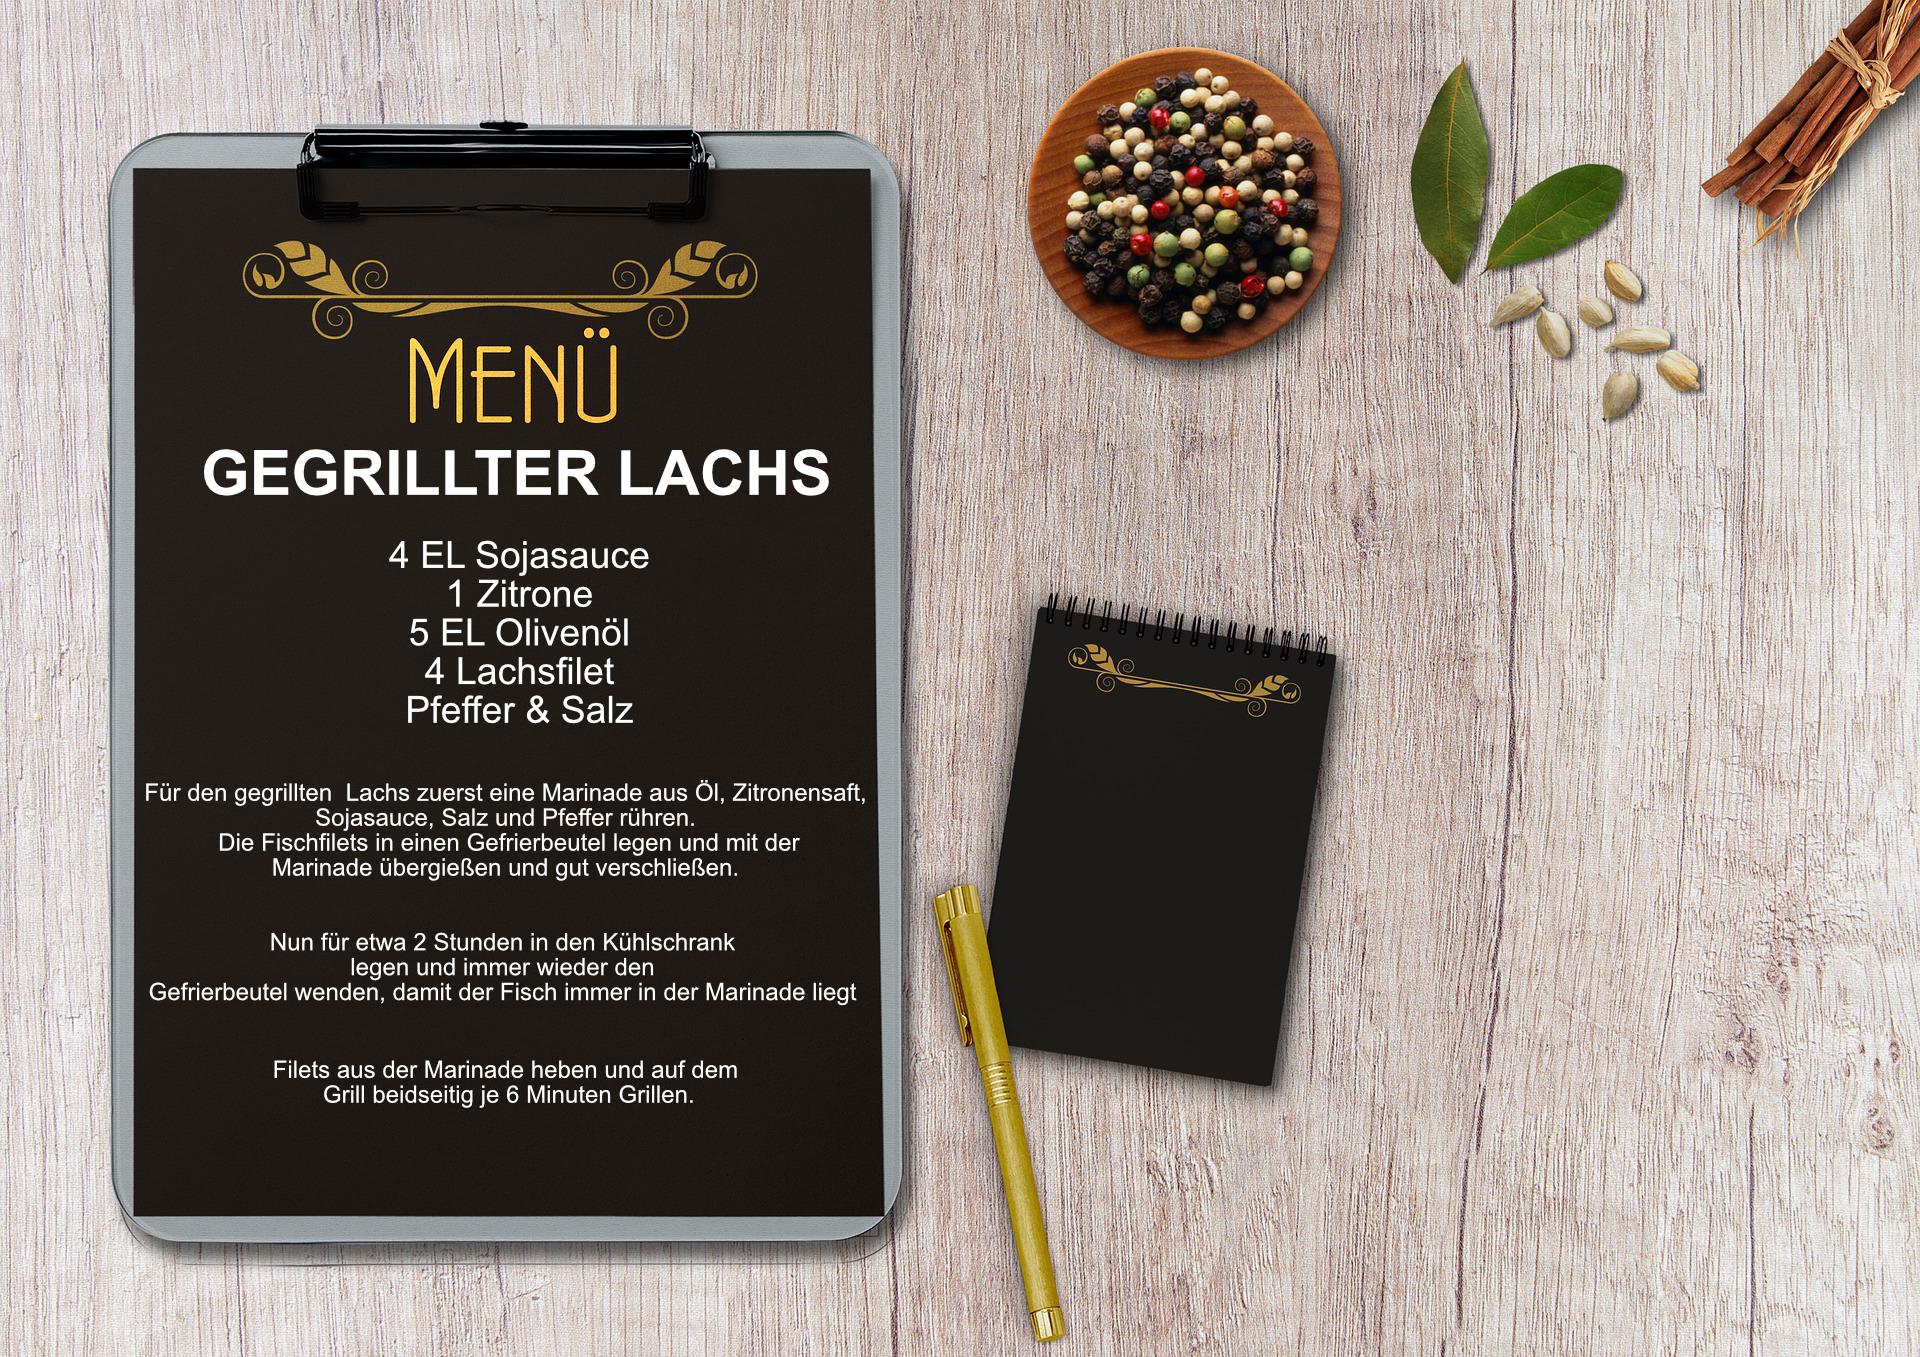 Gegrillter Lachs